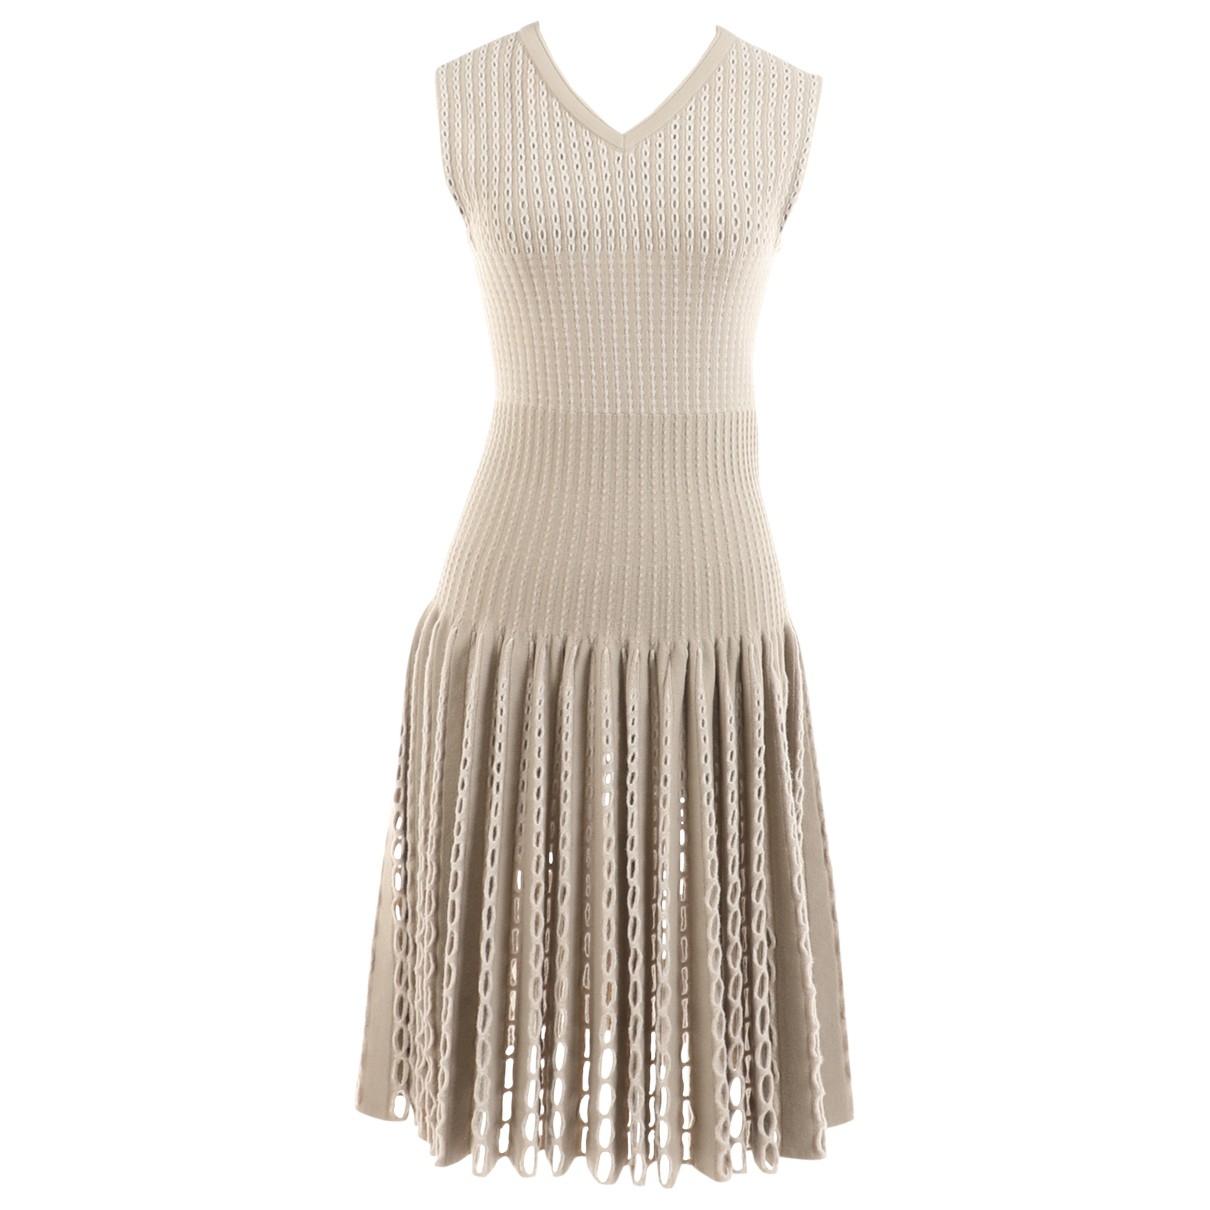 Alaia \N Kleid in  Grau Wolle